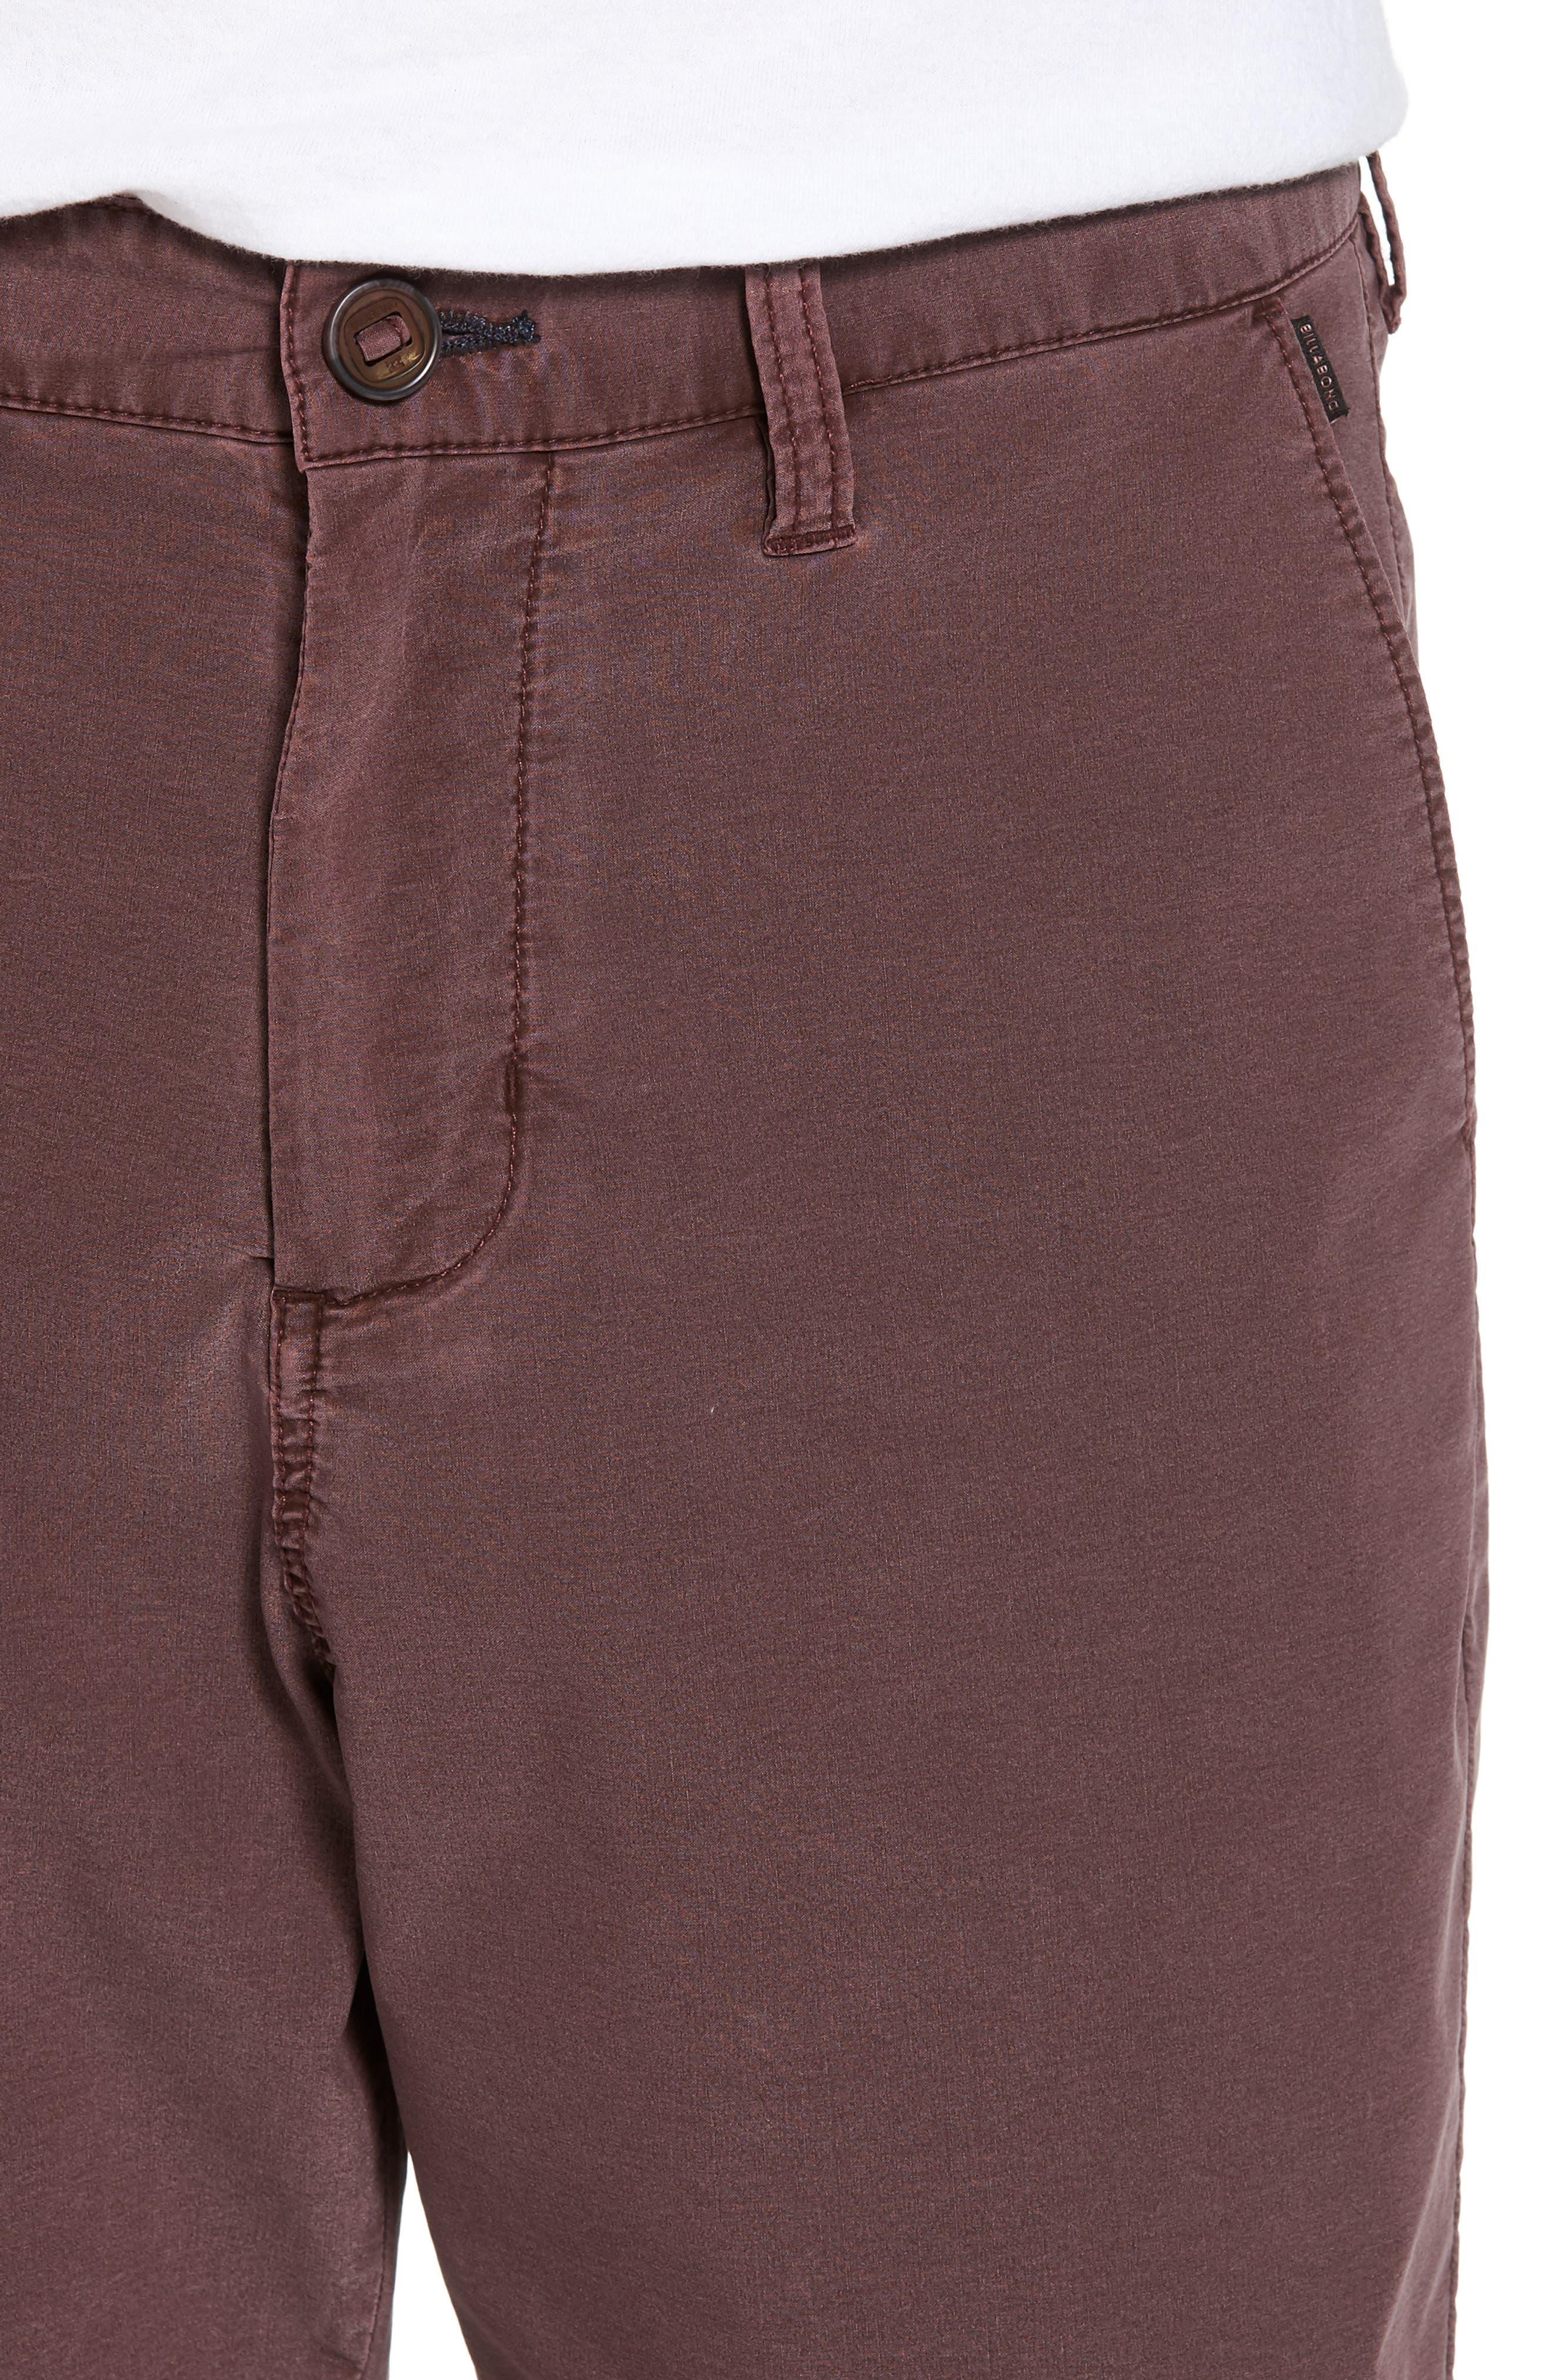 New Order X Overdye Hybrid Shorts,                             Alternate thumbnail 5, color,                             Rum